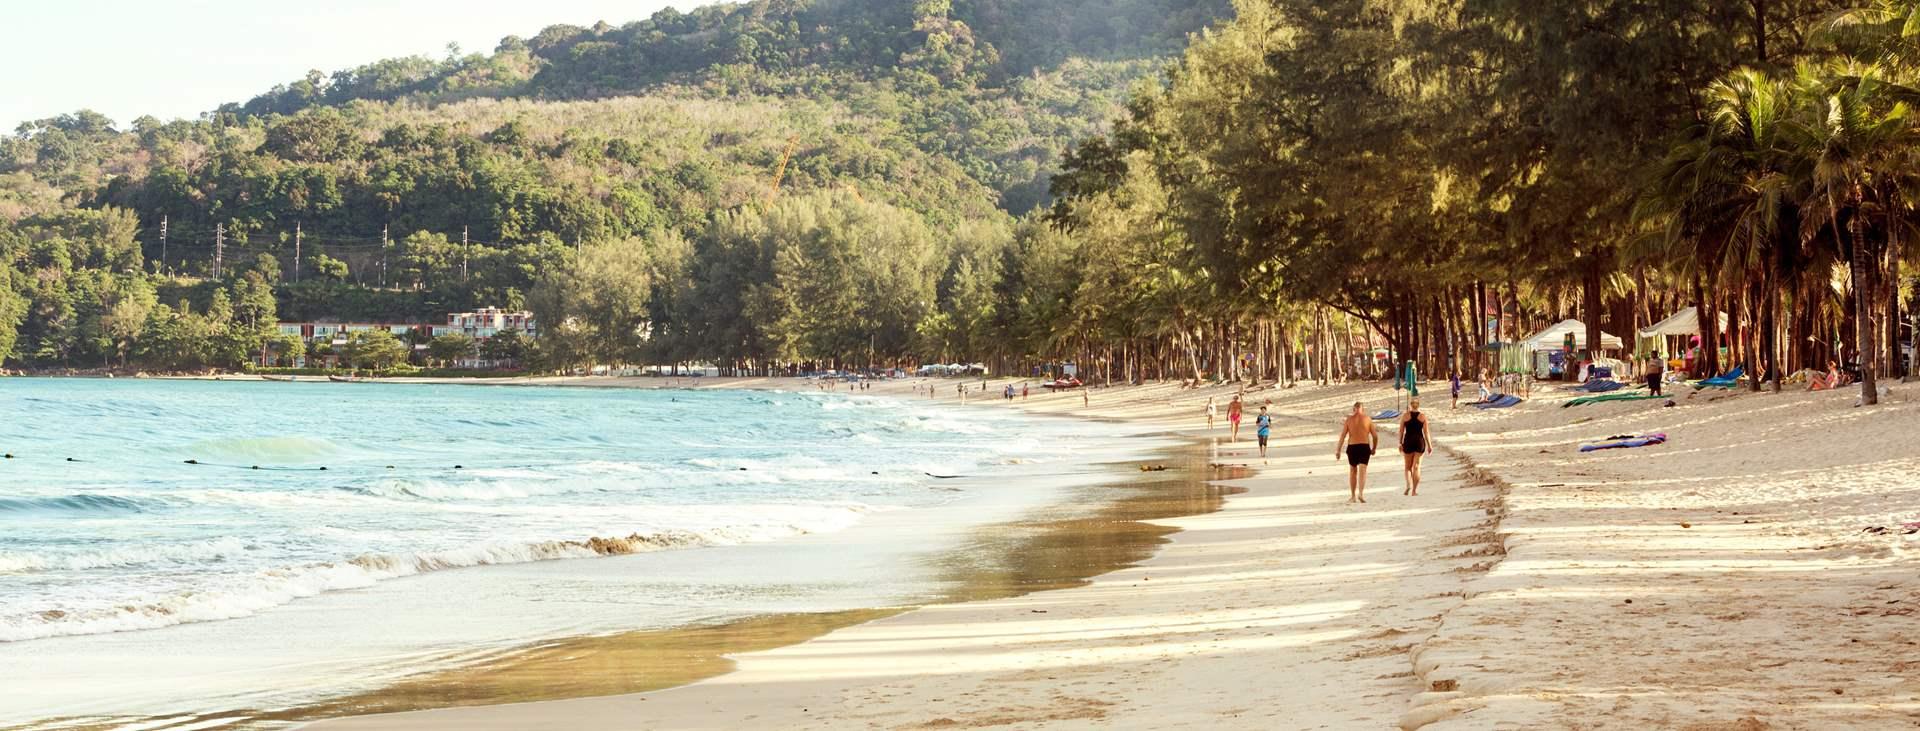 Bestill en reise til barnevennlige Kamala Beach i Thailand